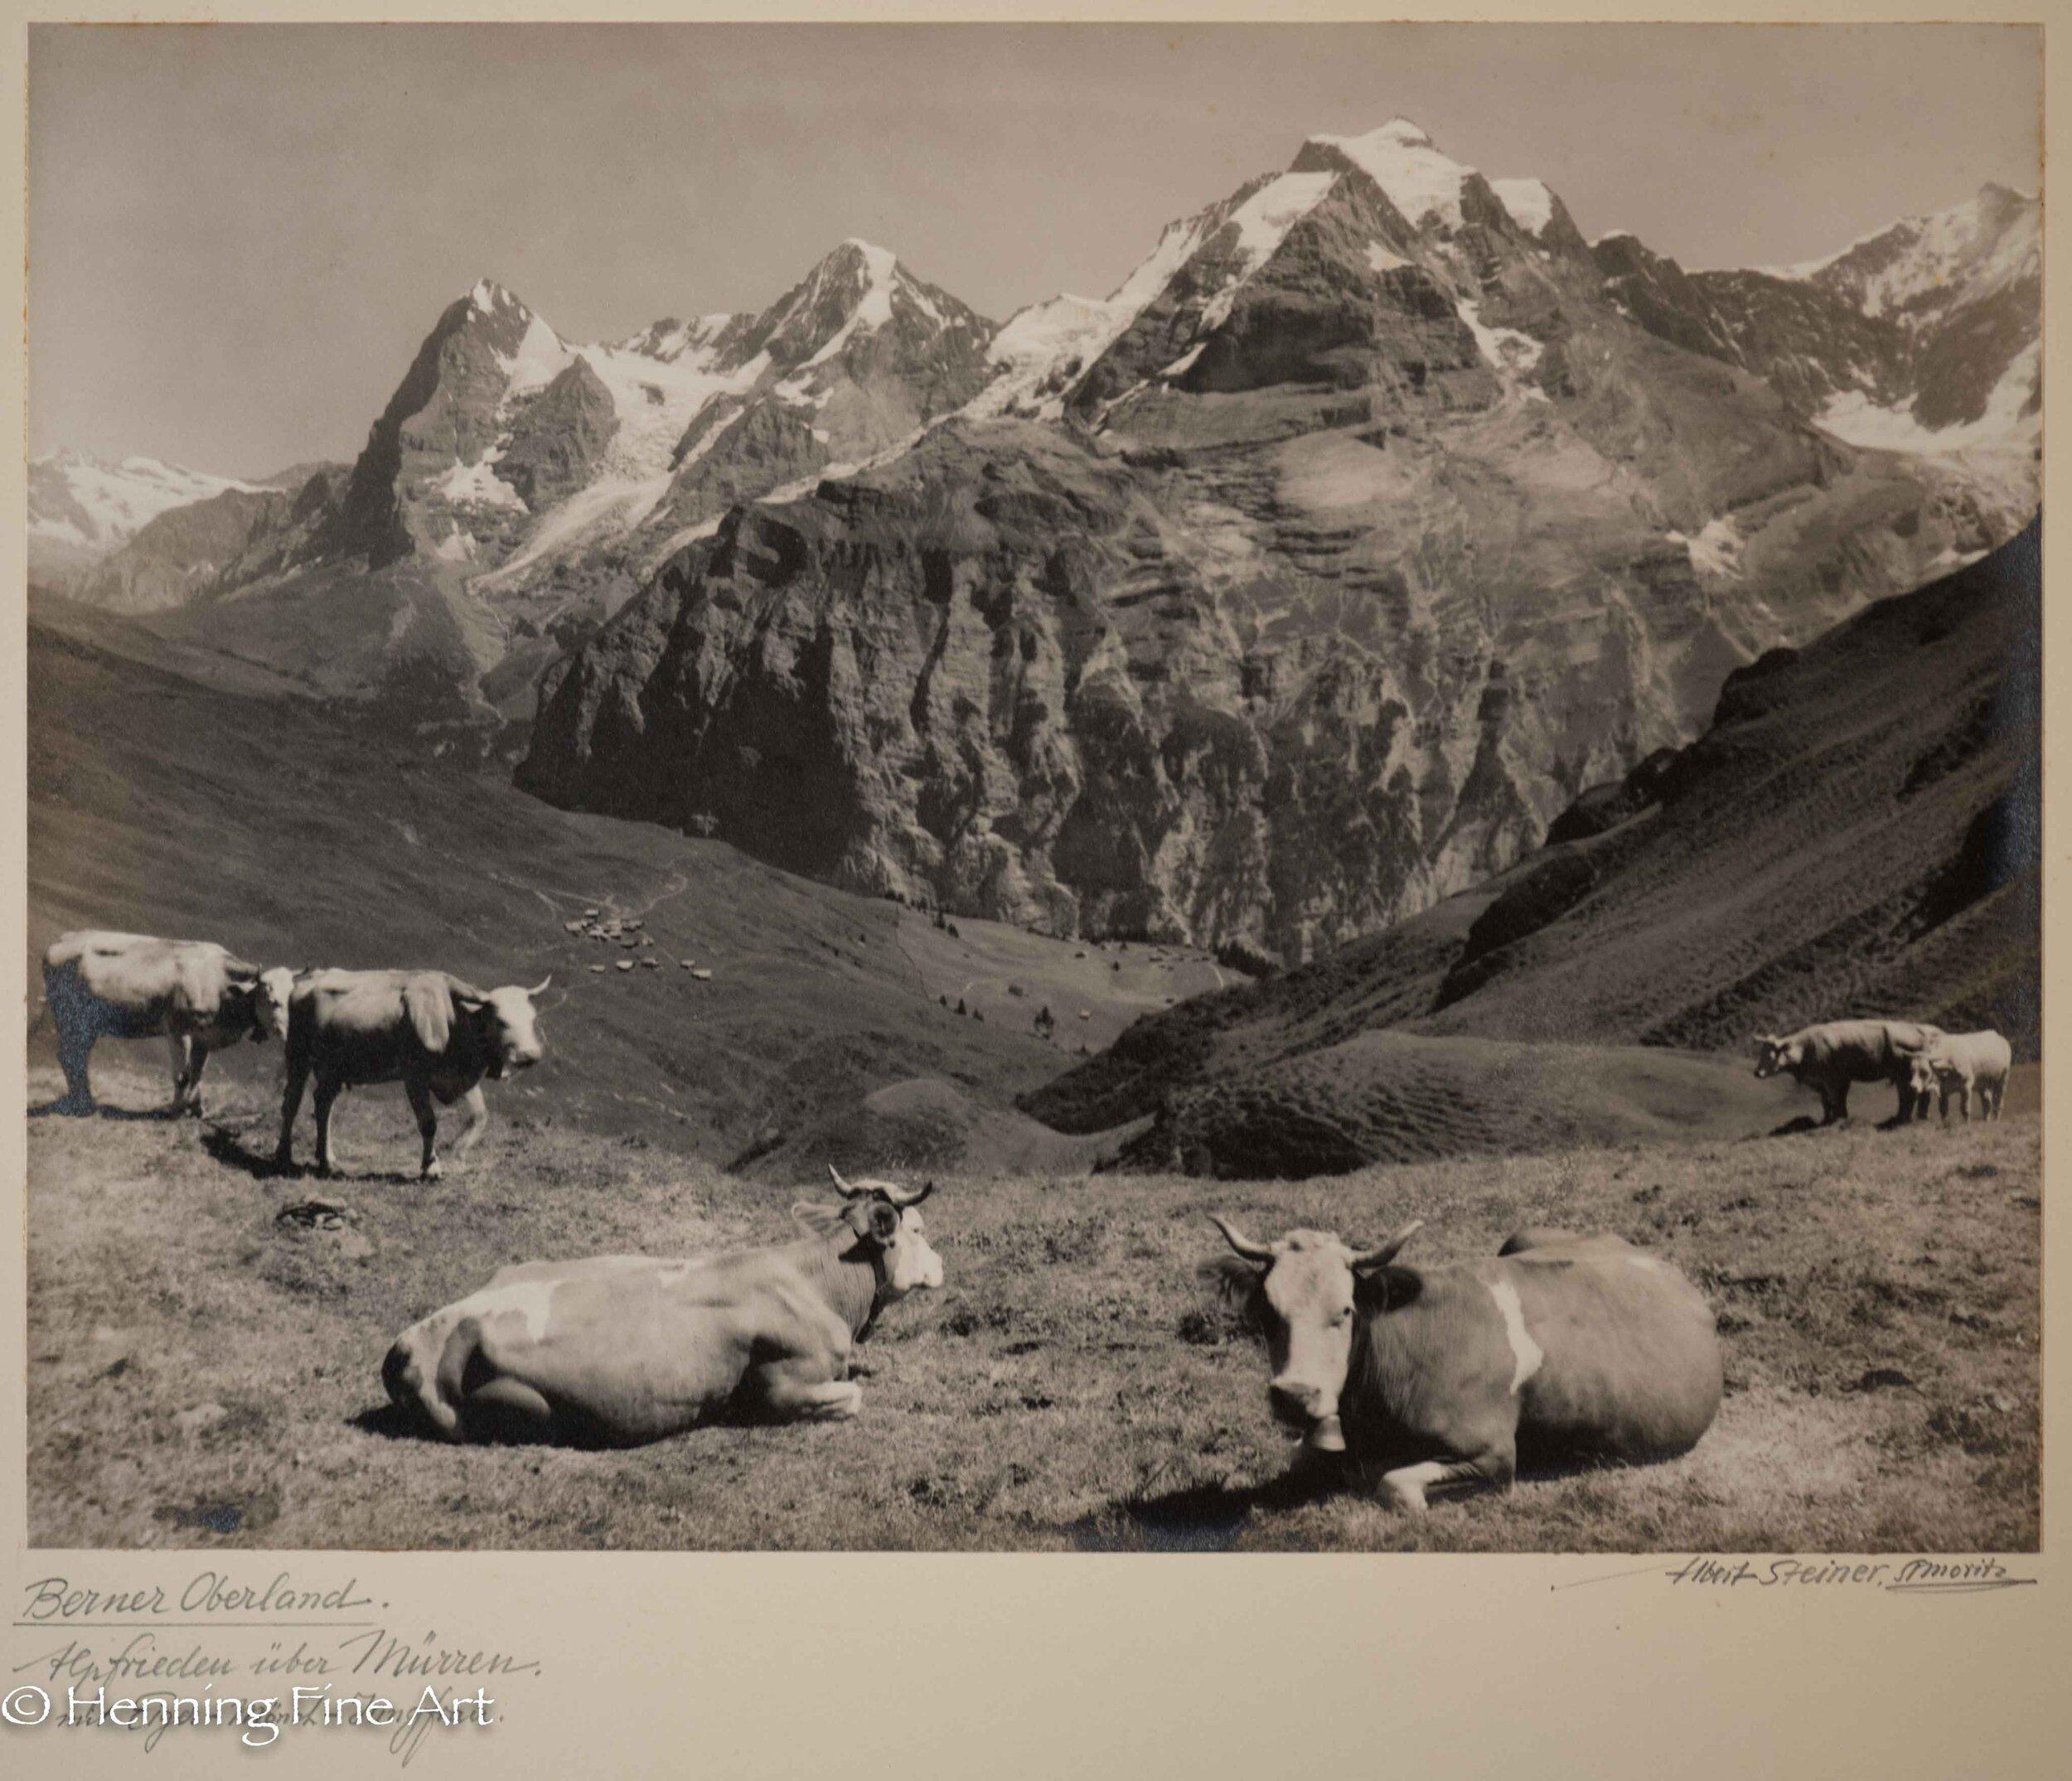 """Albert Steiner (1877 - 1965) """"Berner Oberland. Alpfrieden uber Murren -Eiger-Monch-Jungfrau.-""""  Image (6-6)"""